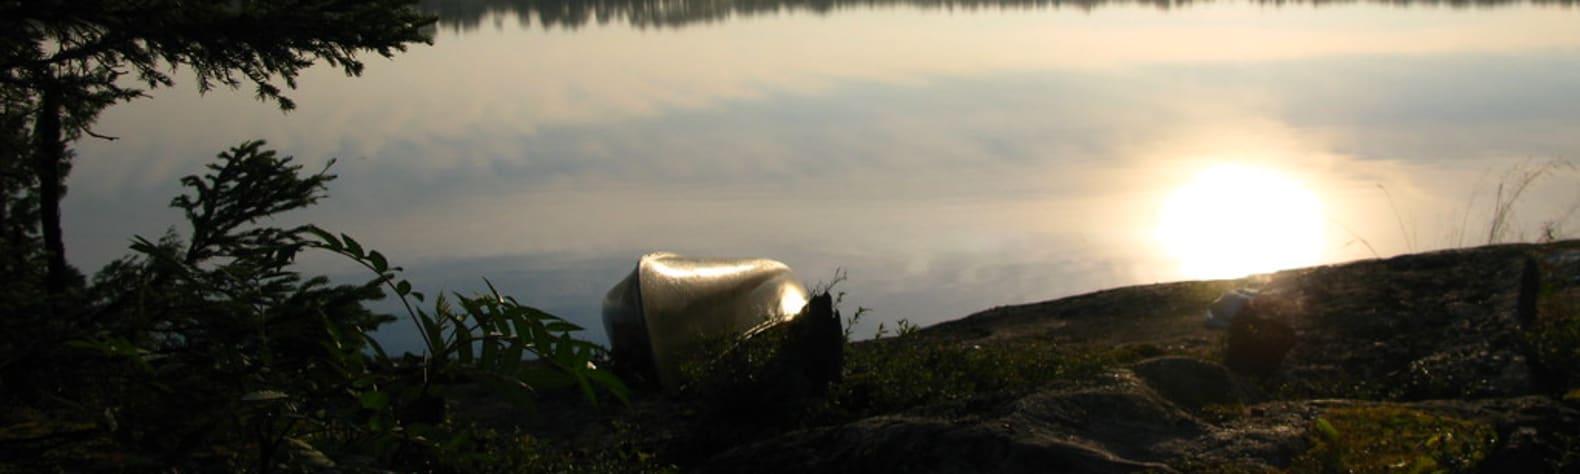 Kopka River Provincial Park